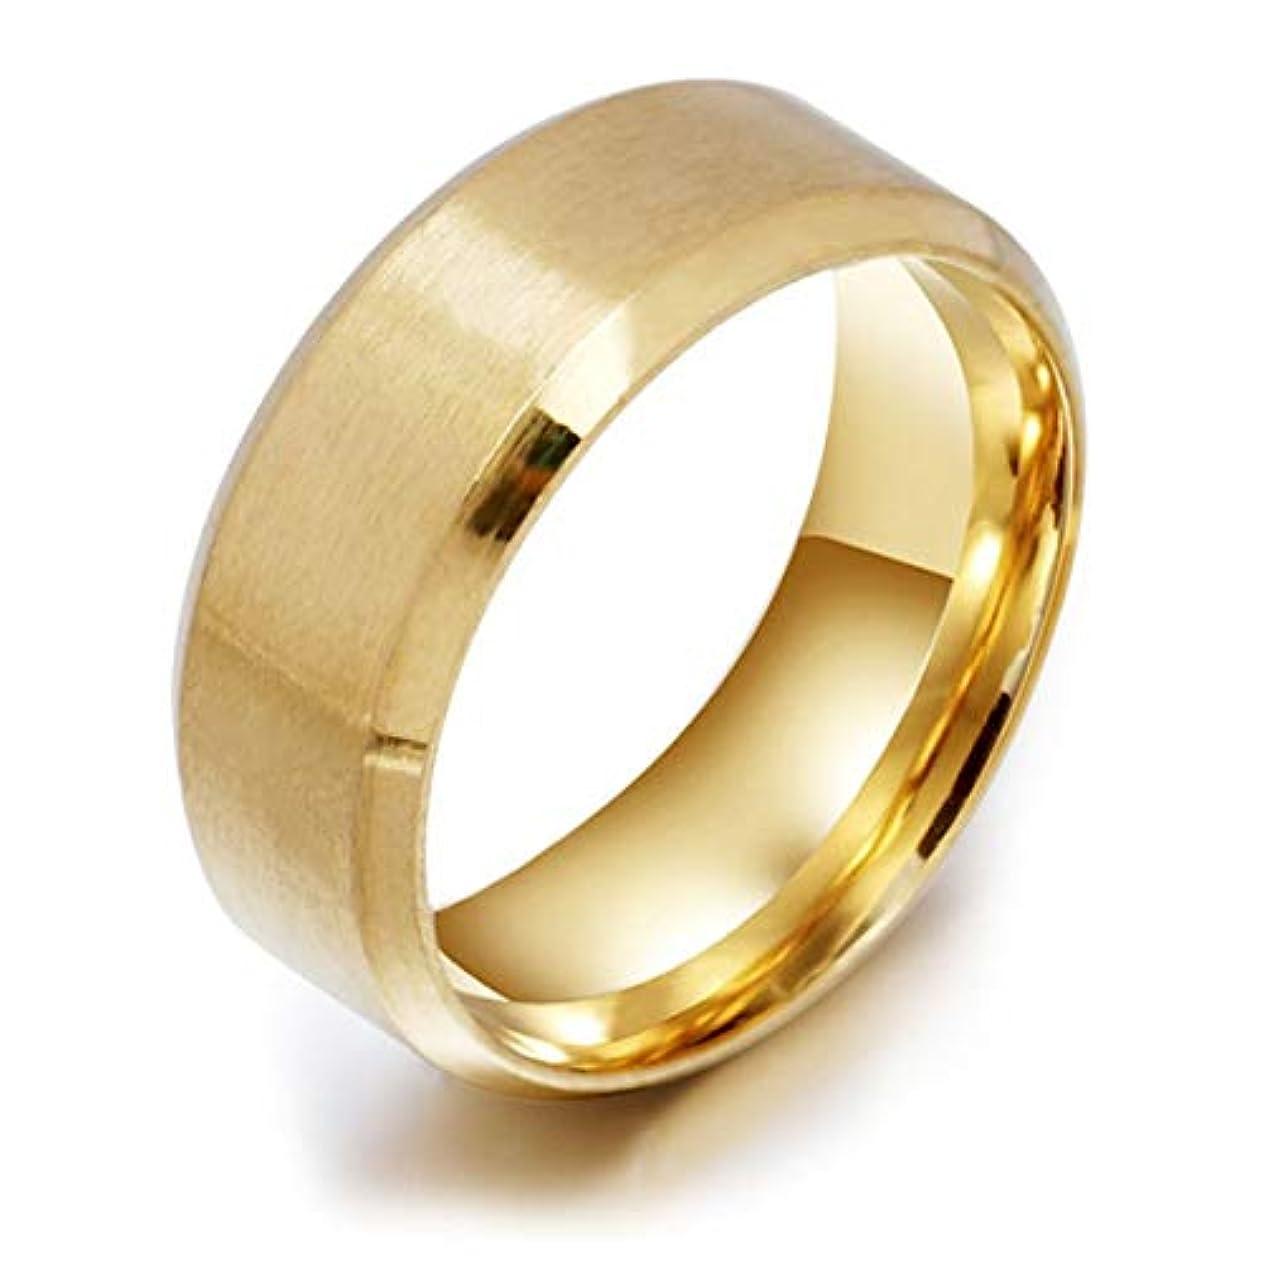 ビル必要条件意識的ステンレス鋼の医療指リング磁気減量リング男性のための高いポーランドのファッションジュエリー女性リング-ゴールド10